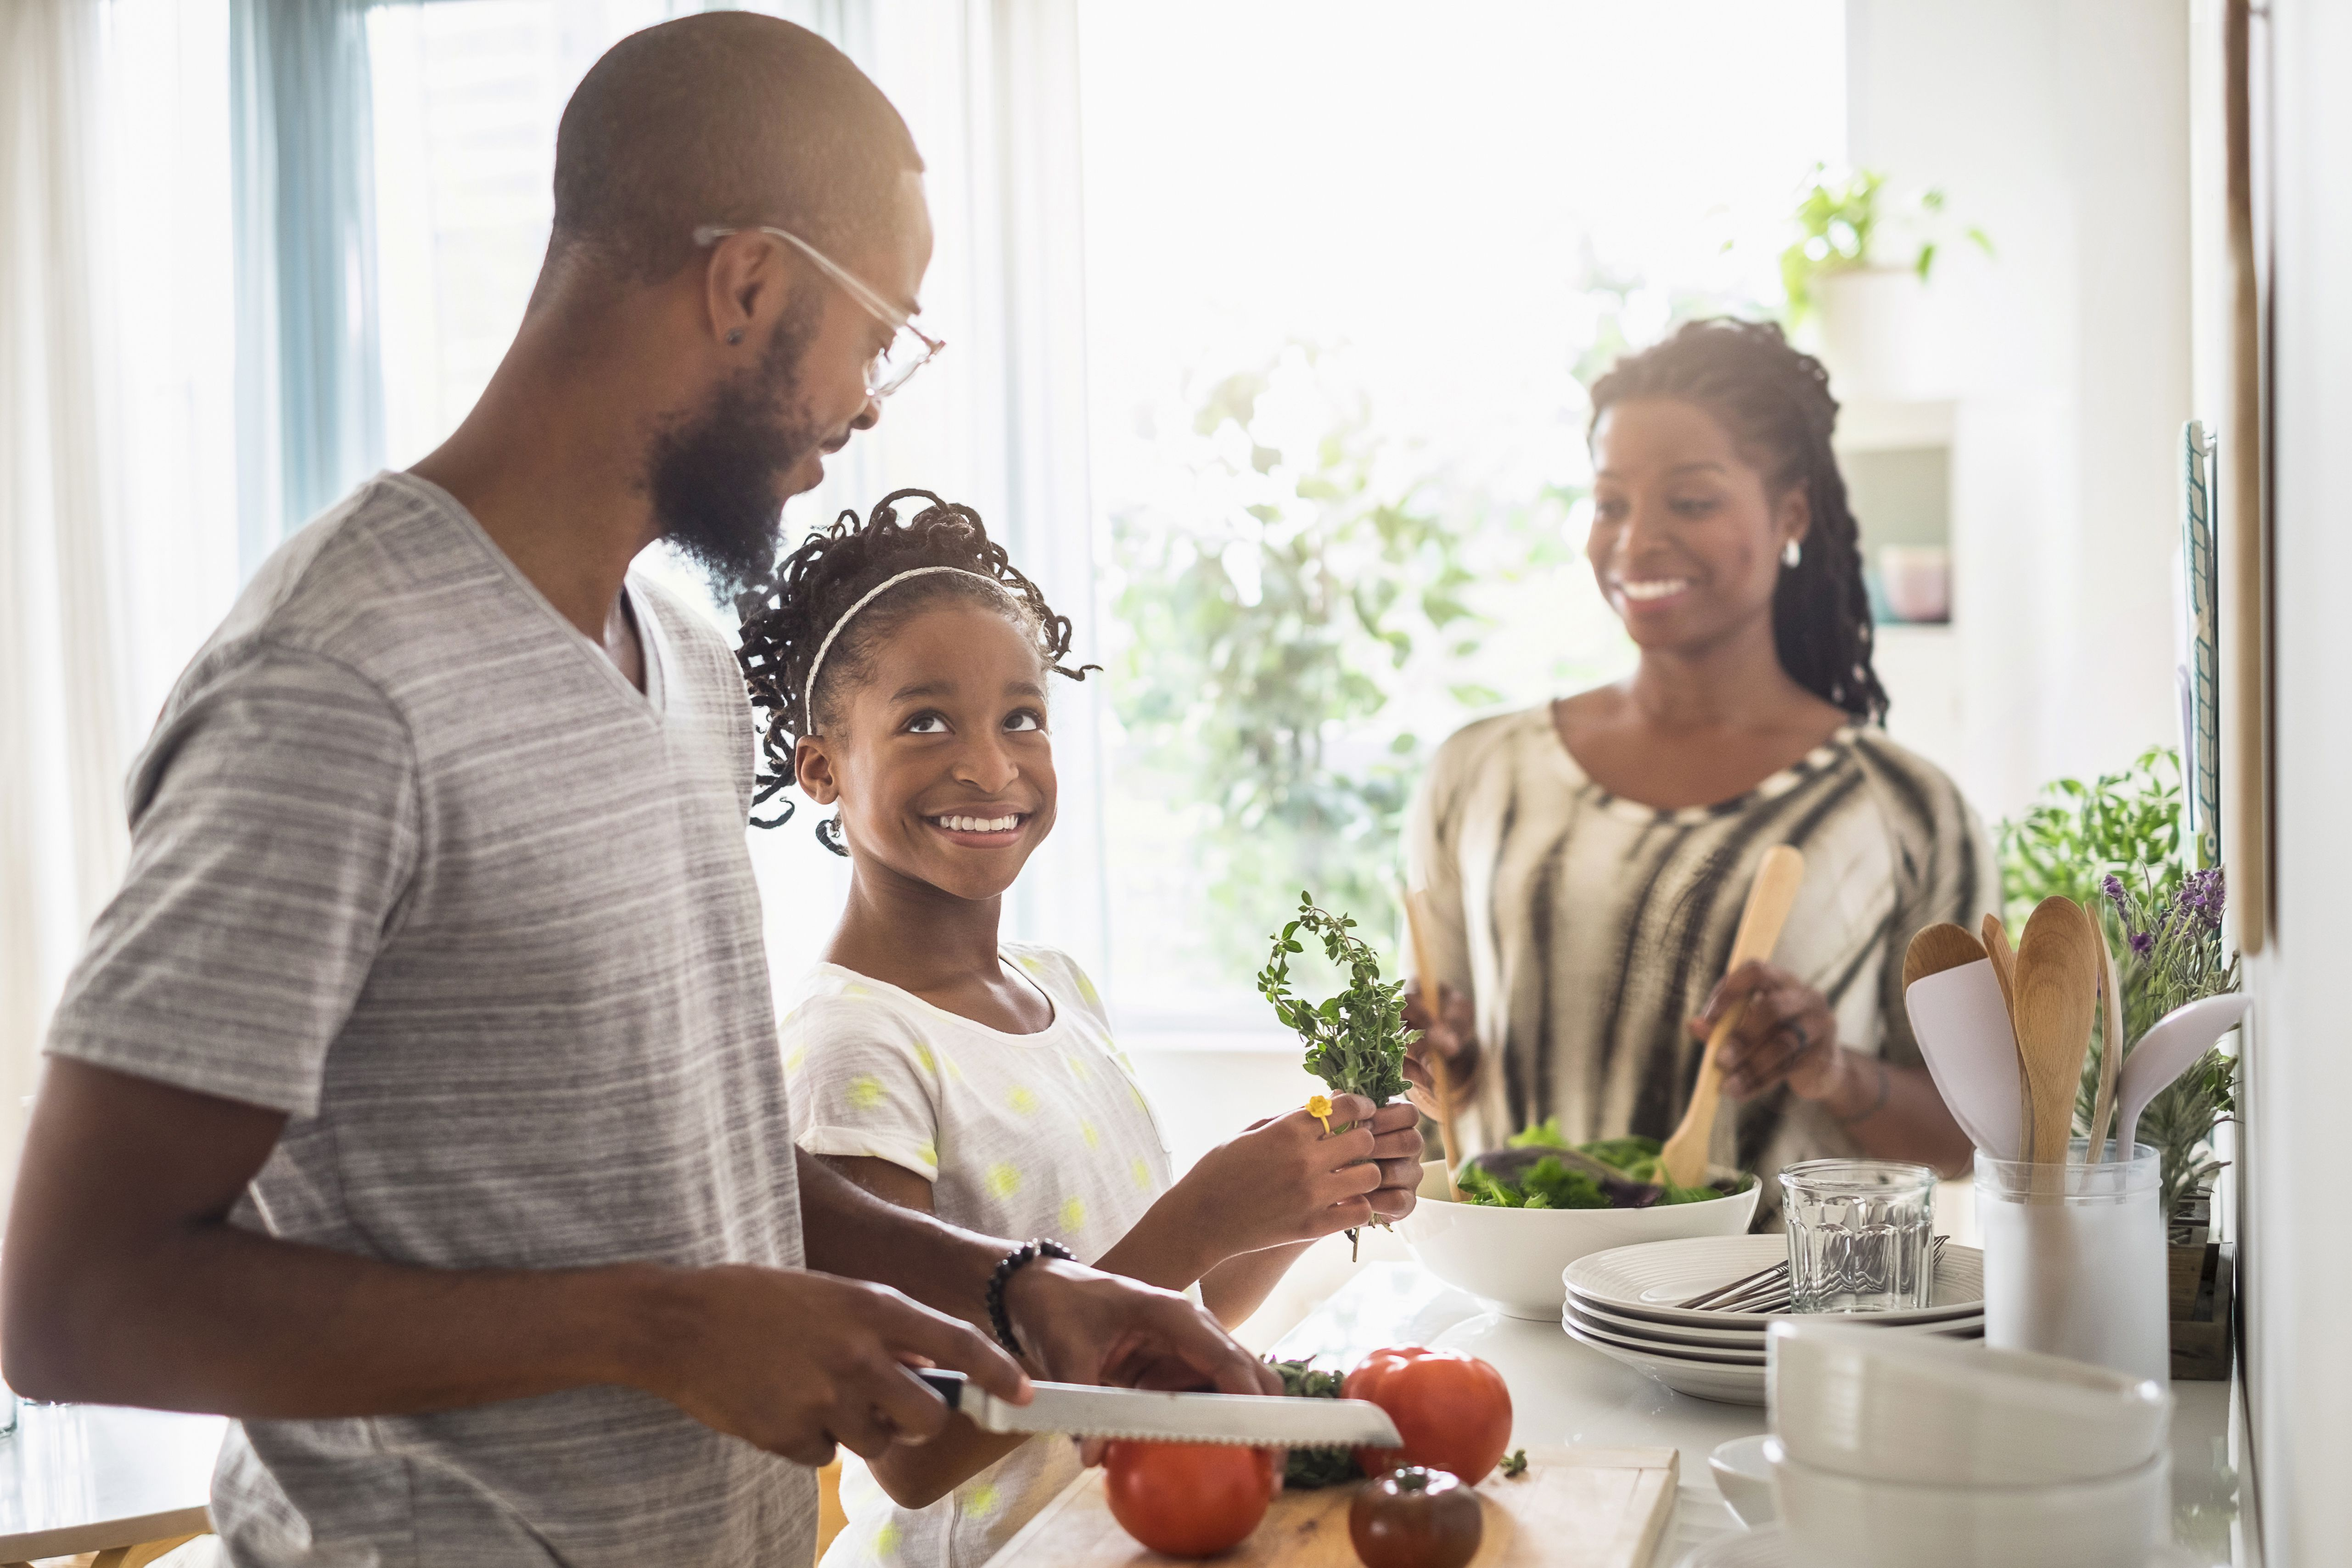 Familia negra cocinando en cocina